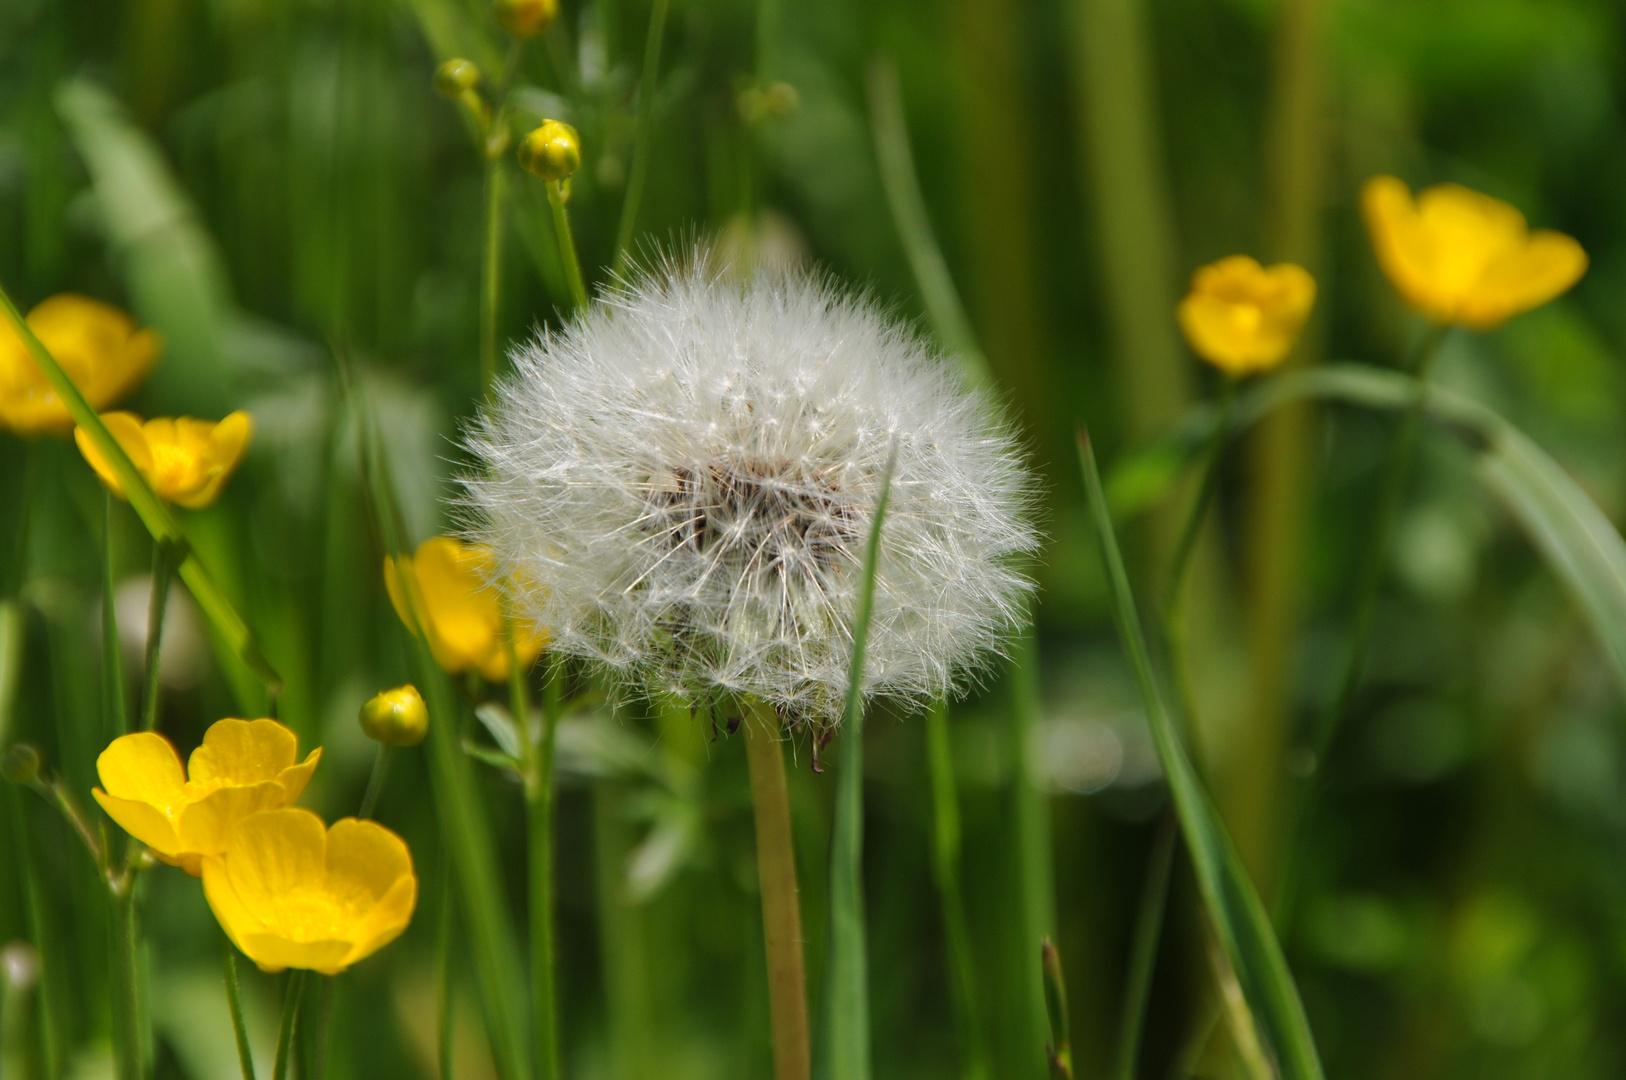 Pusteblume auf einer dieser Frühlingswiesen mit